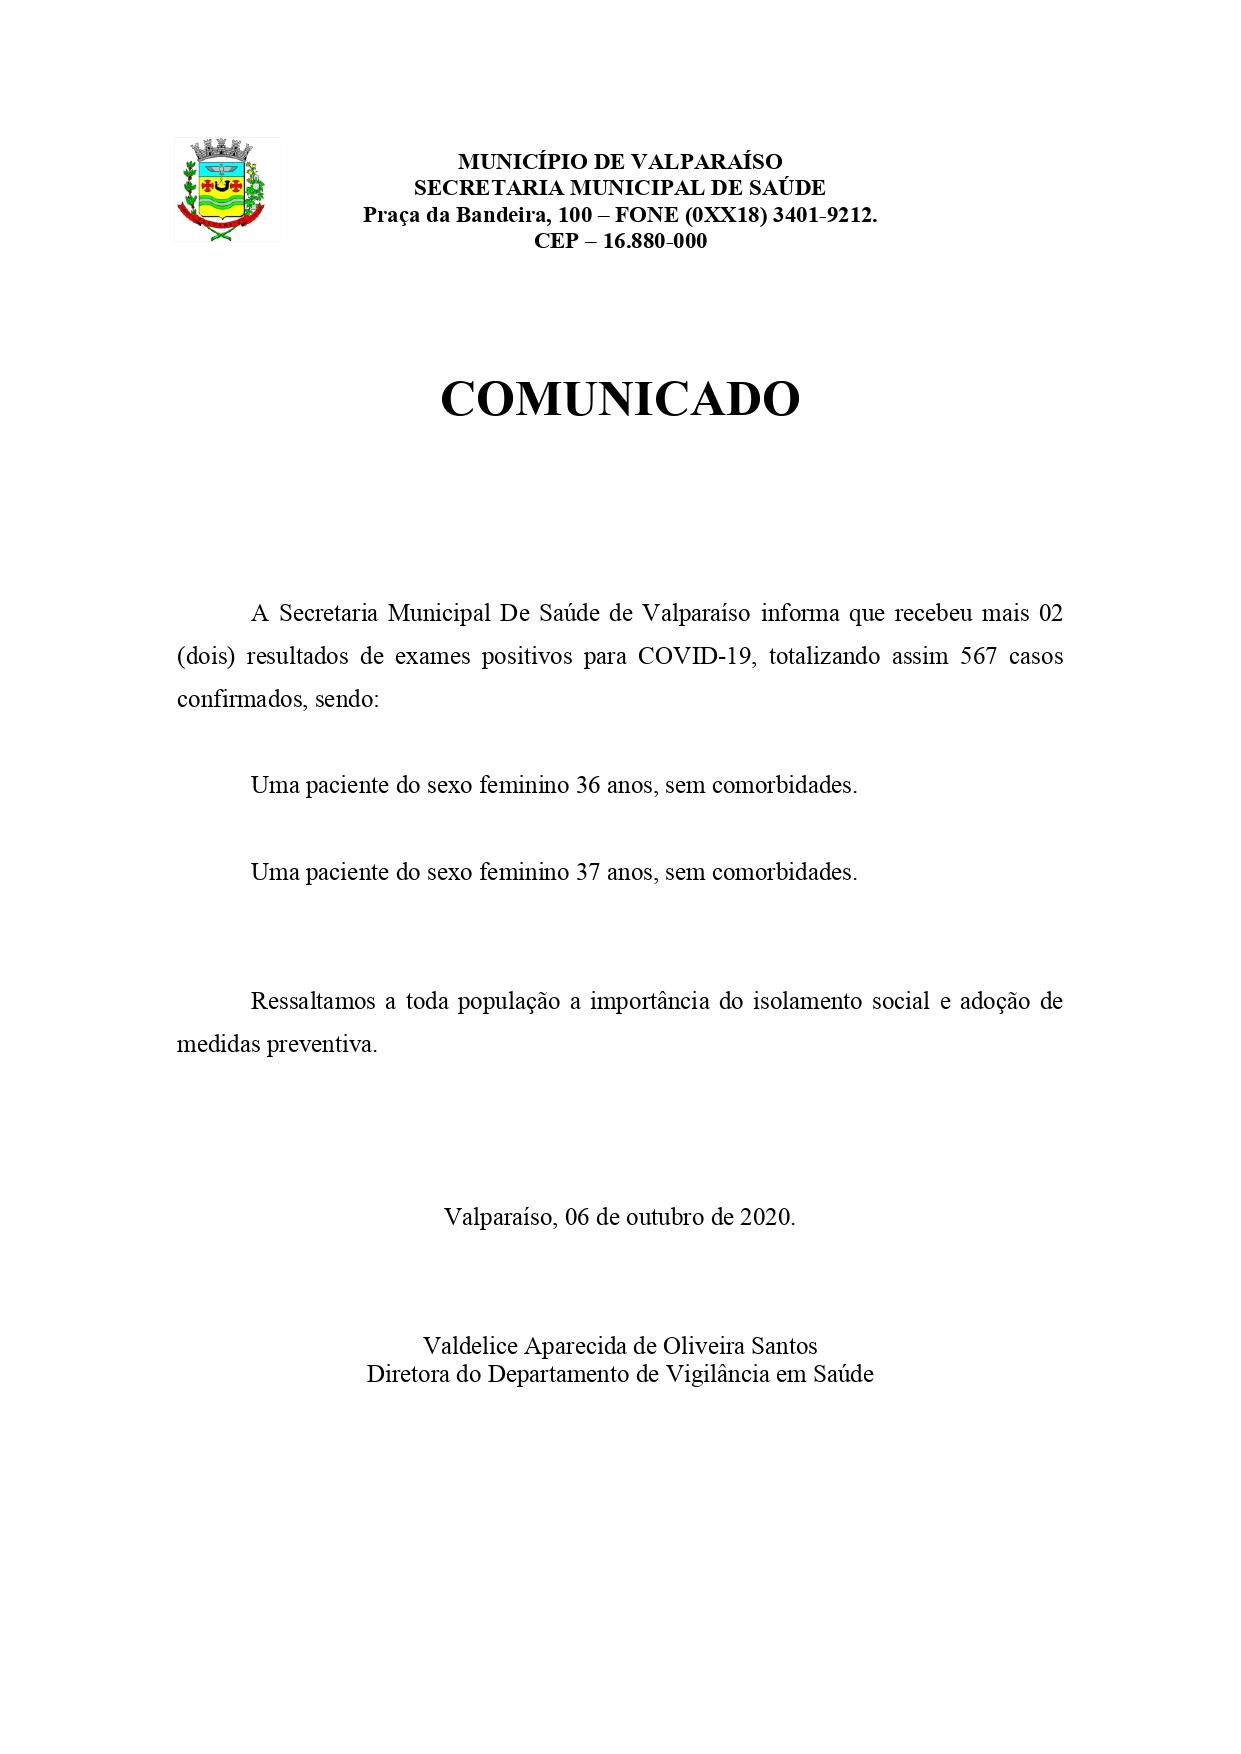 covid567